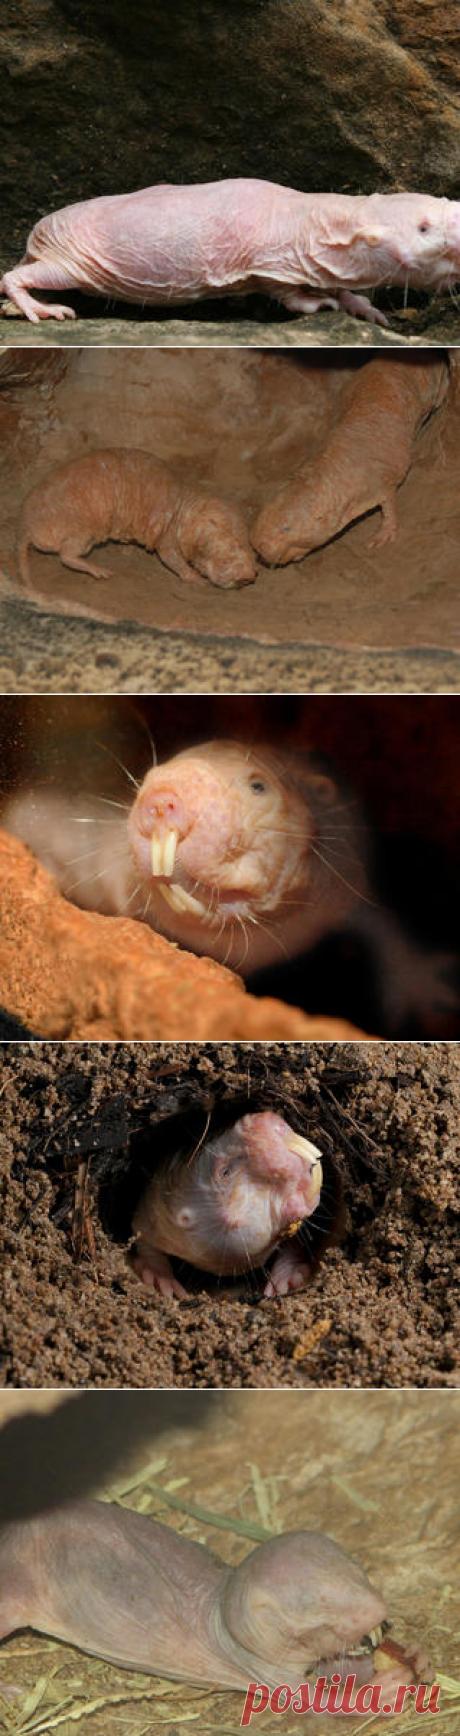 Смотреть изображения голых землекопов | Зооляндия